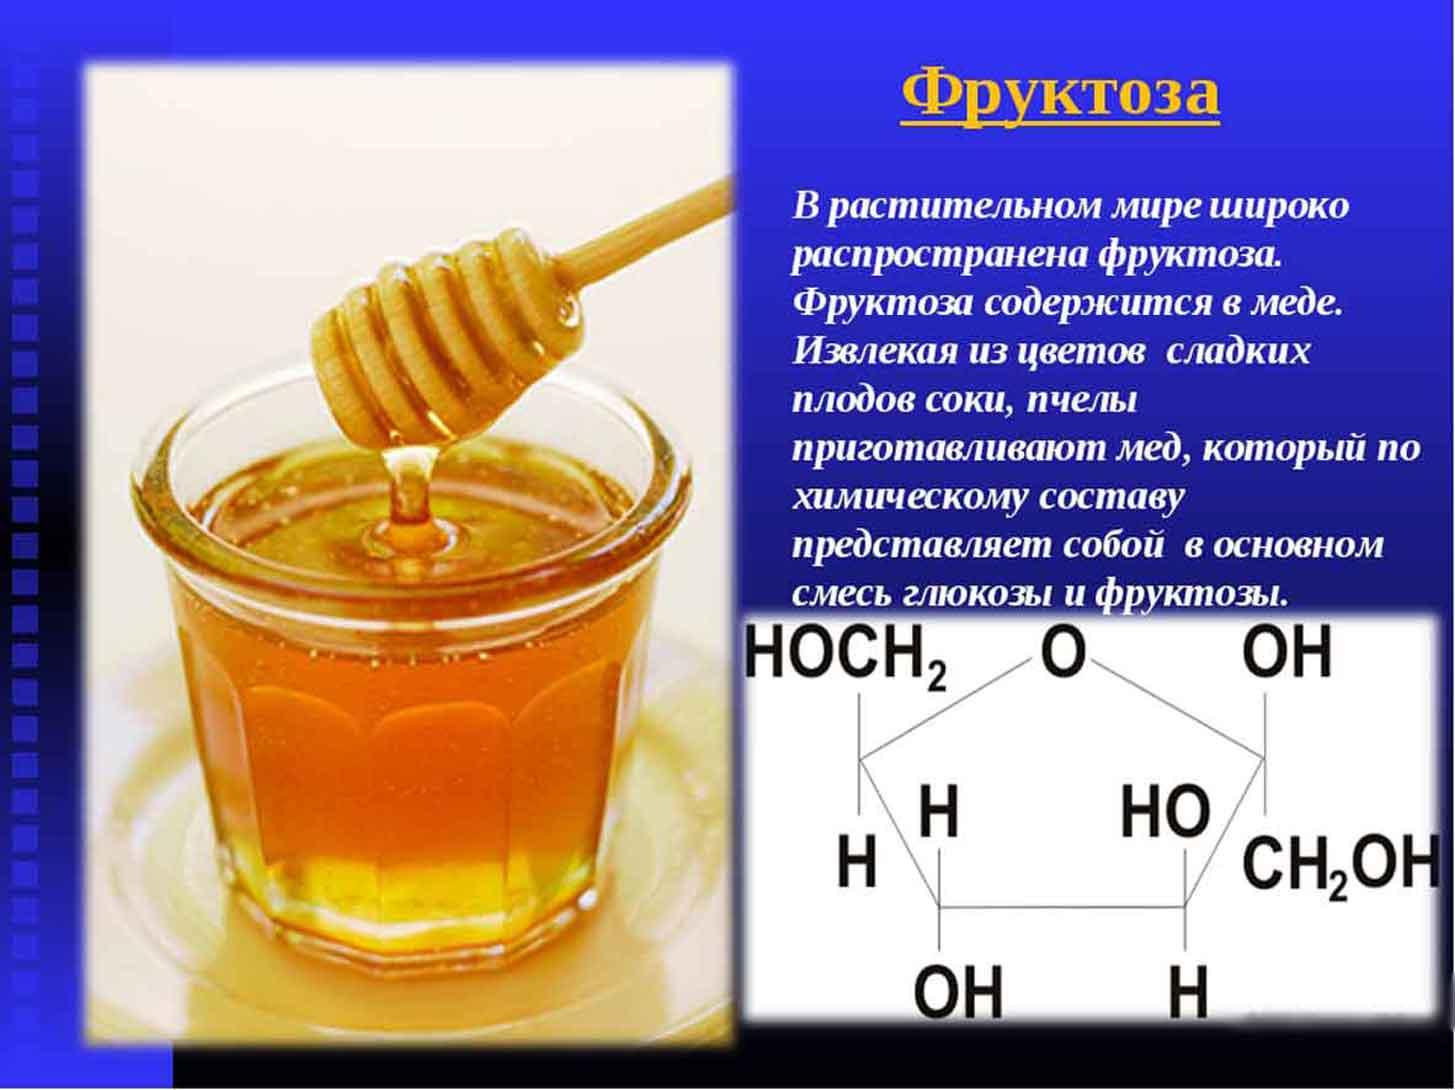 Фруктоза: физические свойства